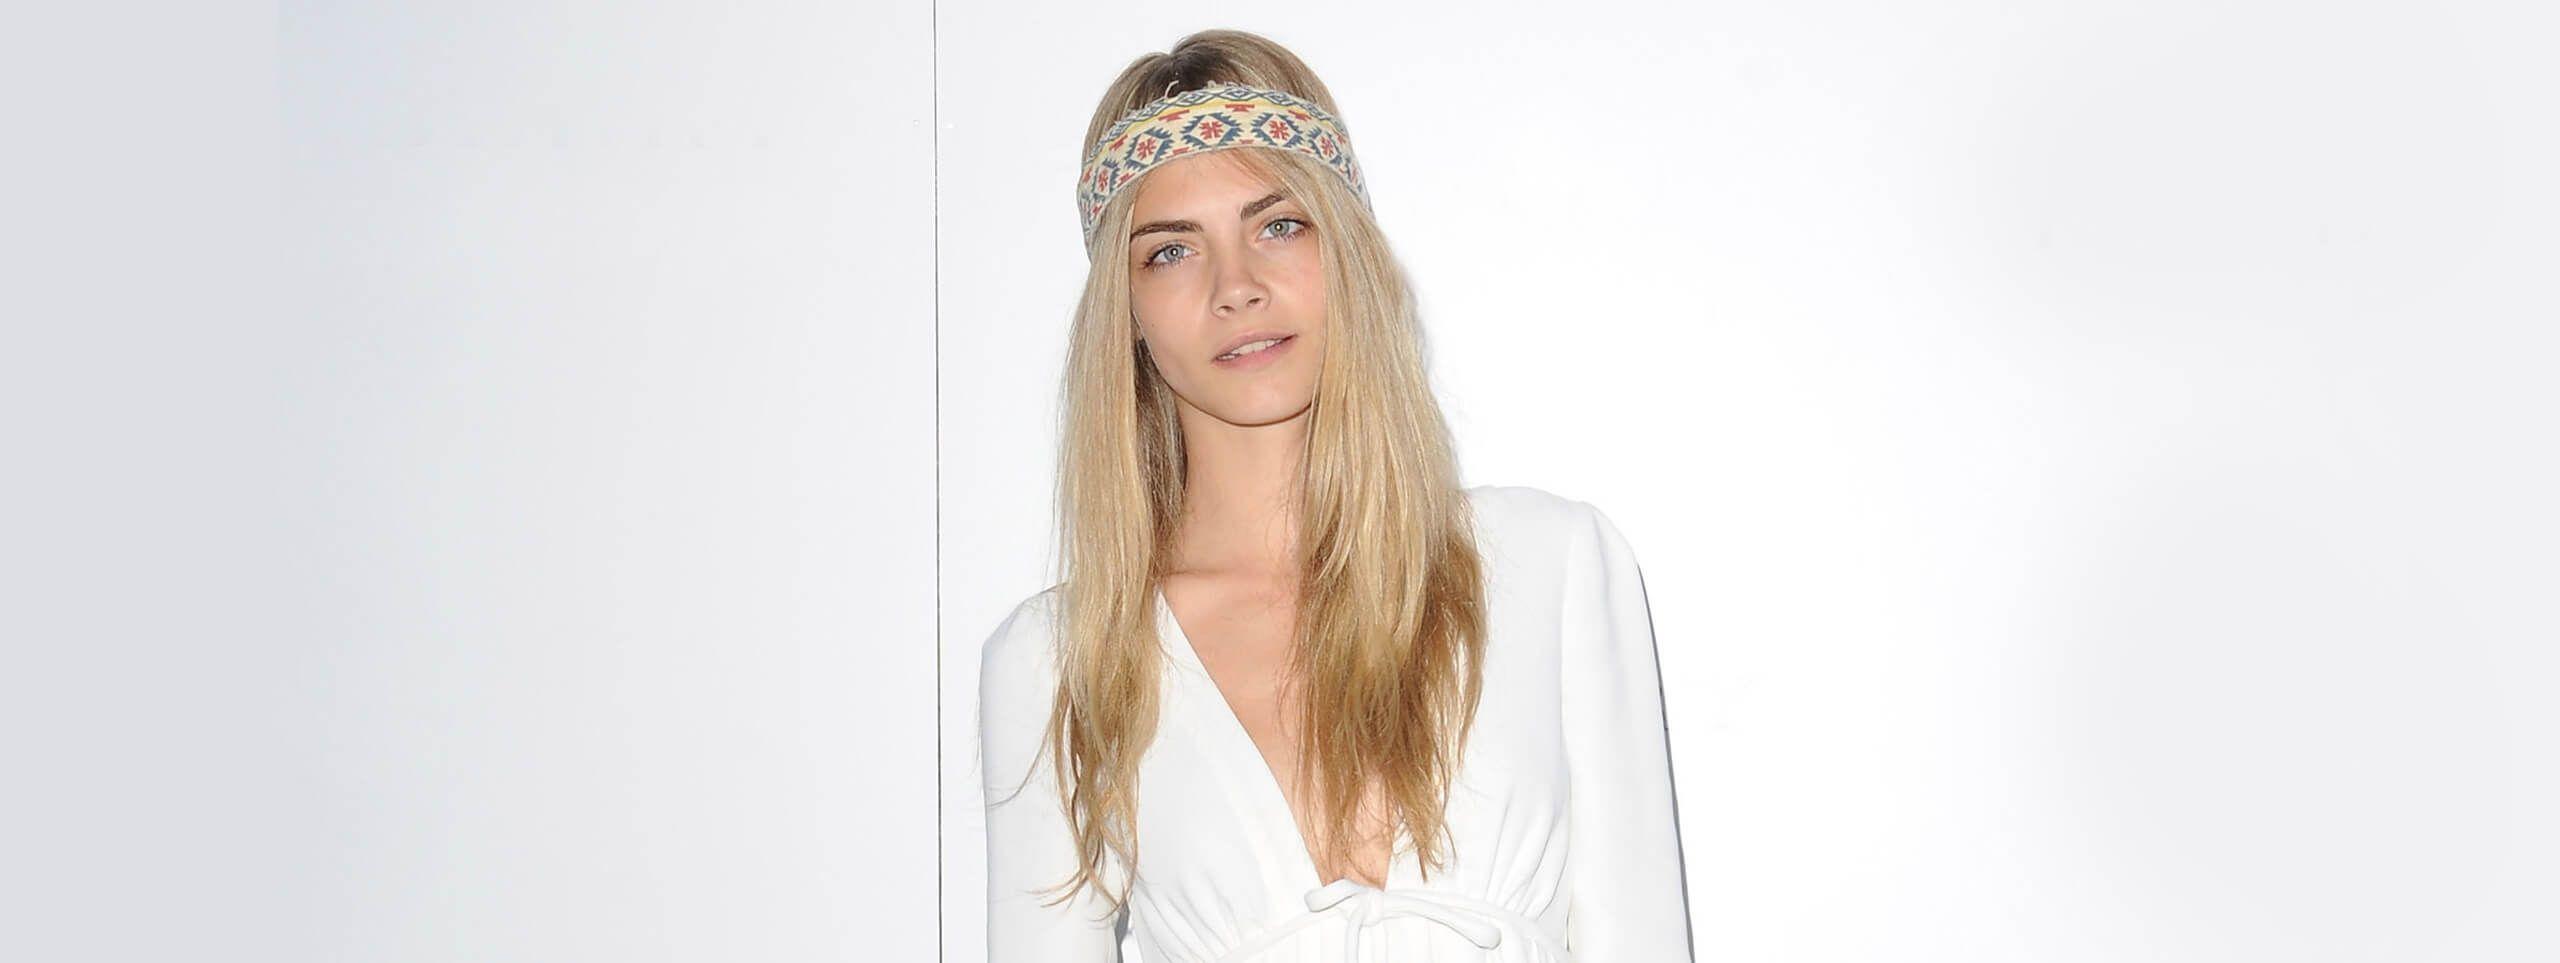 Cara Delevingne z rozpuszczonymi długimi blond włosami i opaską